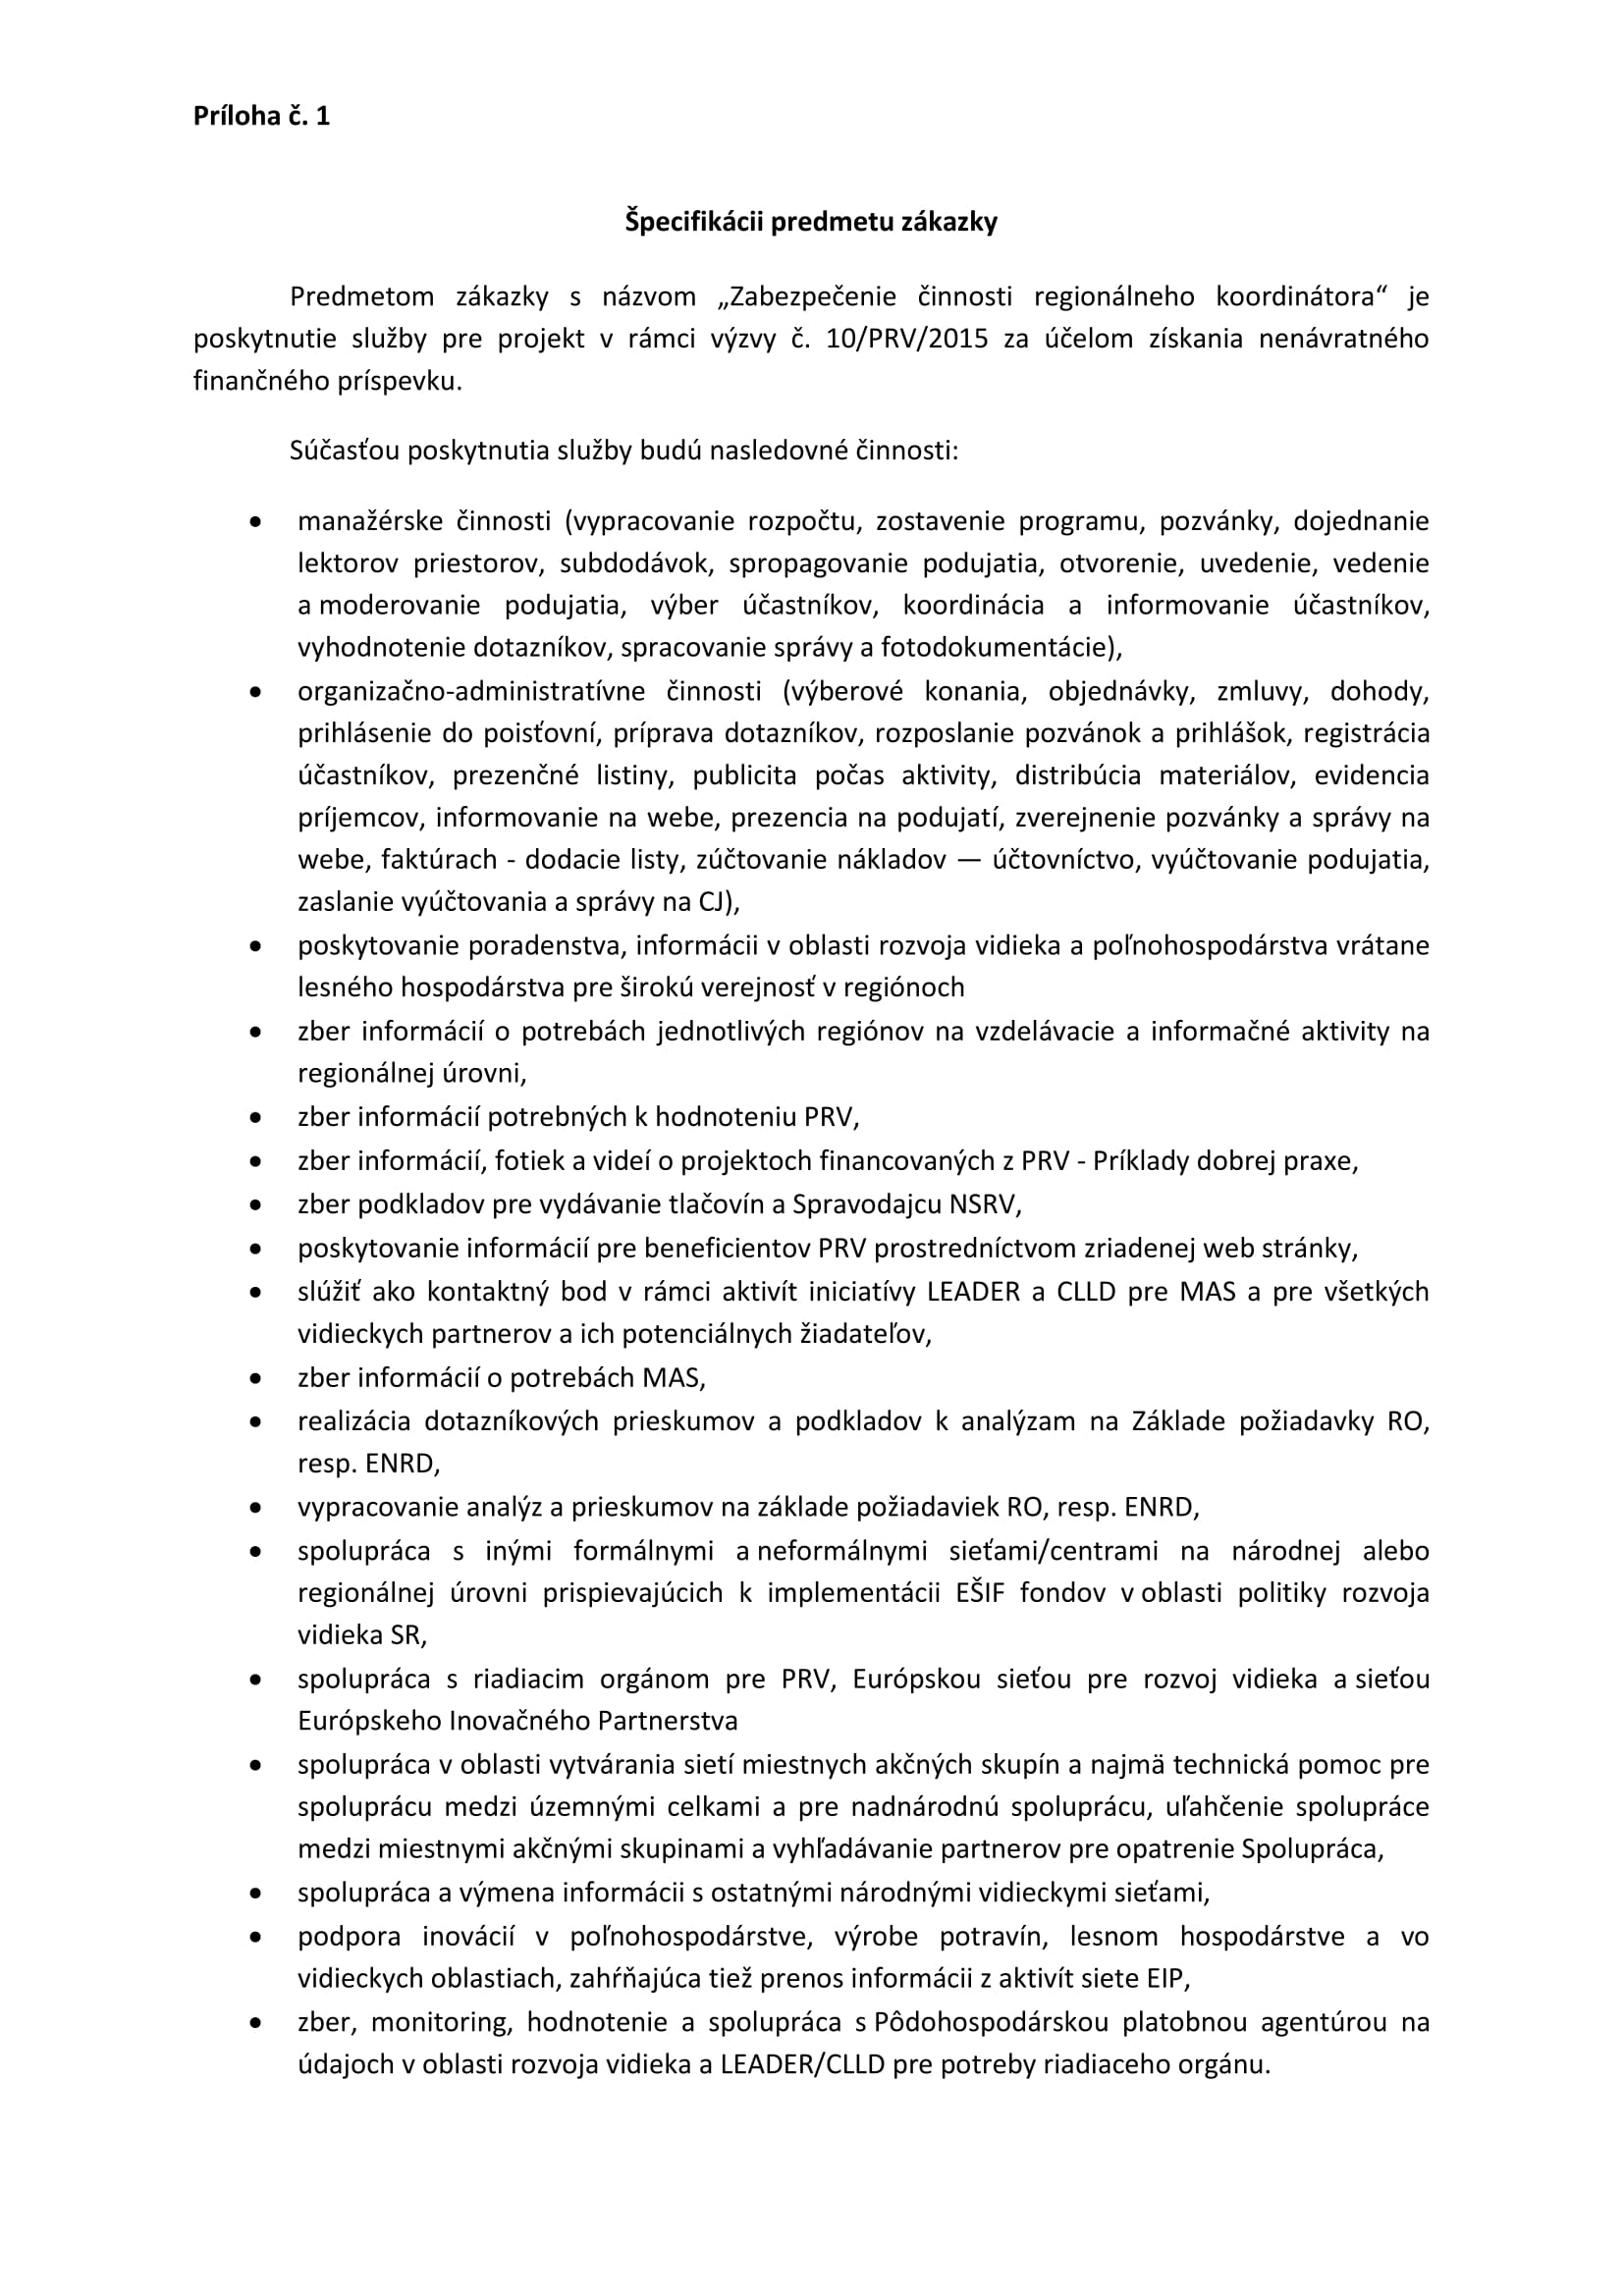 priloha-c-1-specifikacii-predmetu-zakazky-1